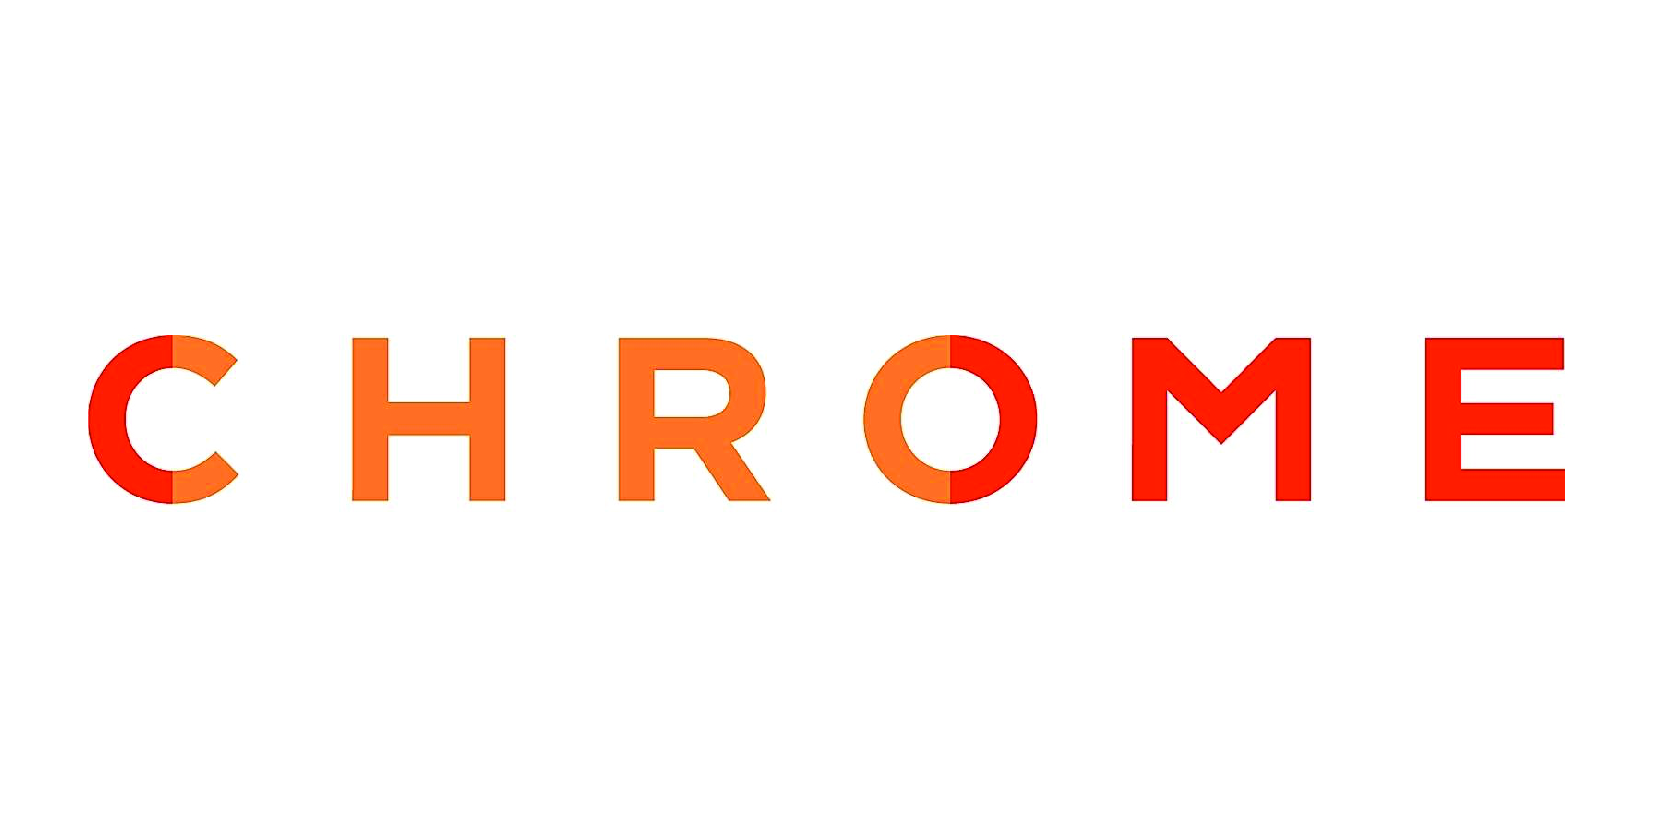 Leader_Chrome.jpg